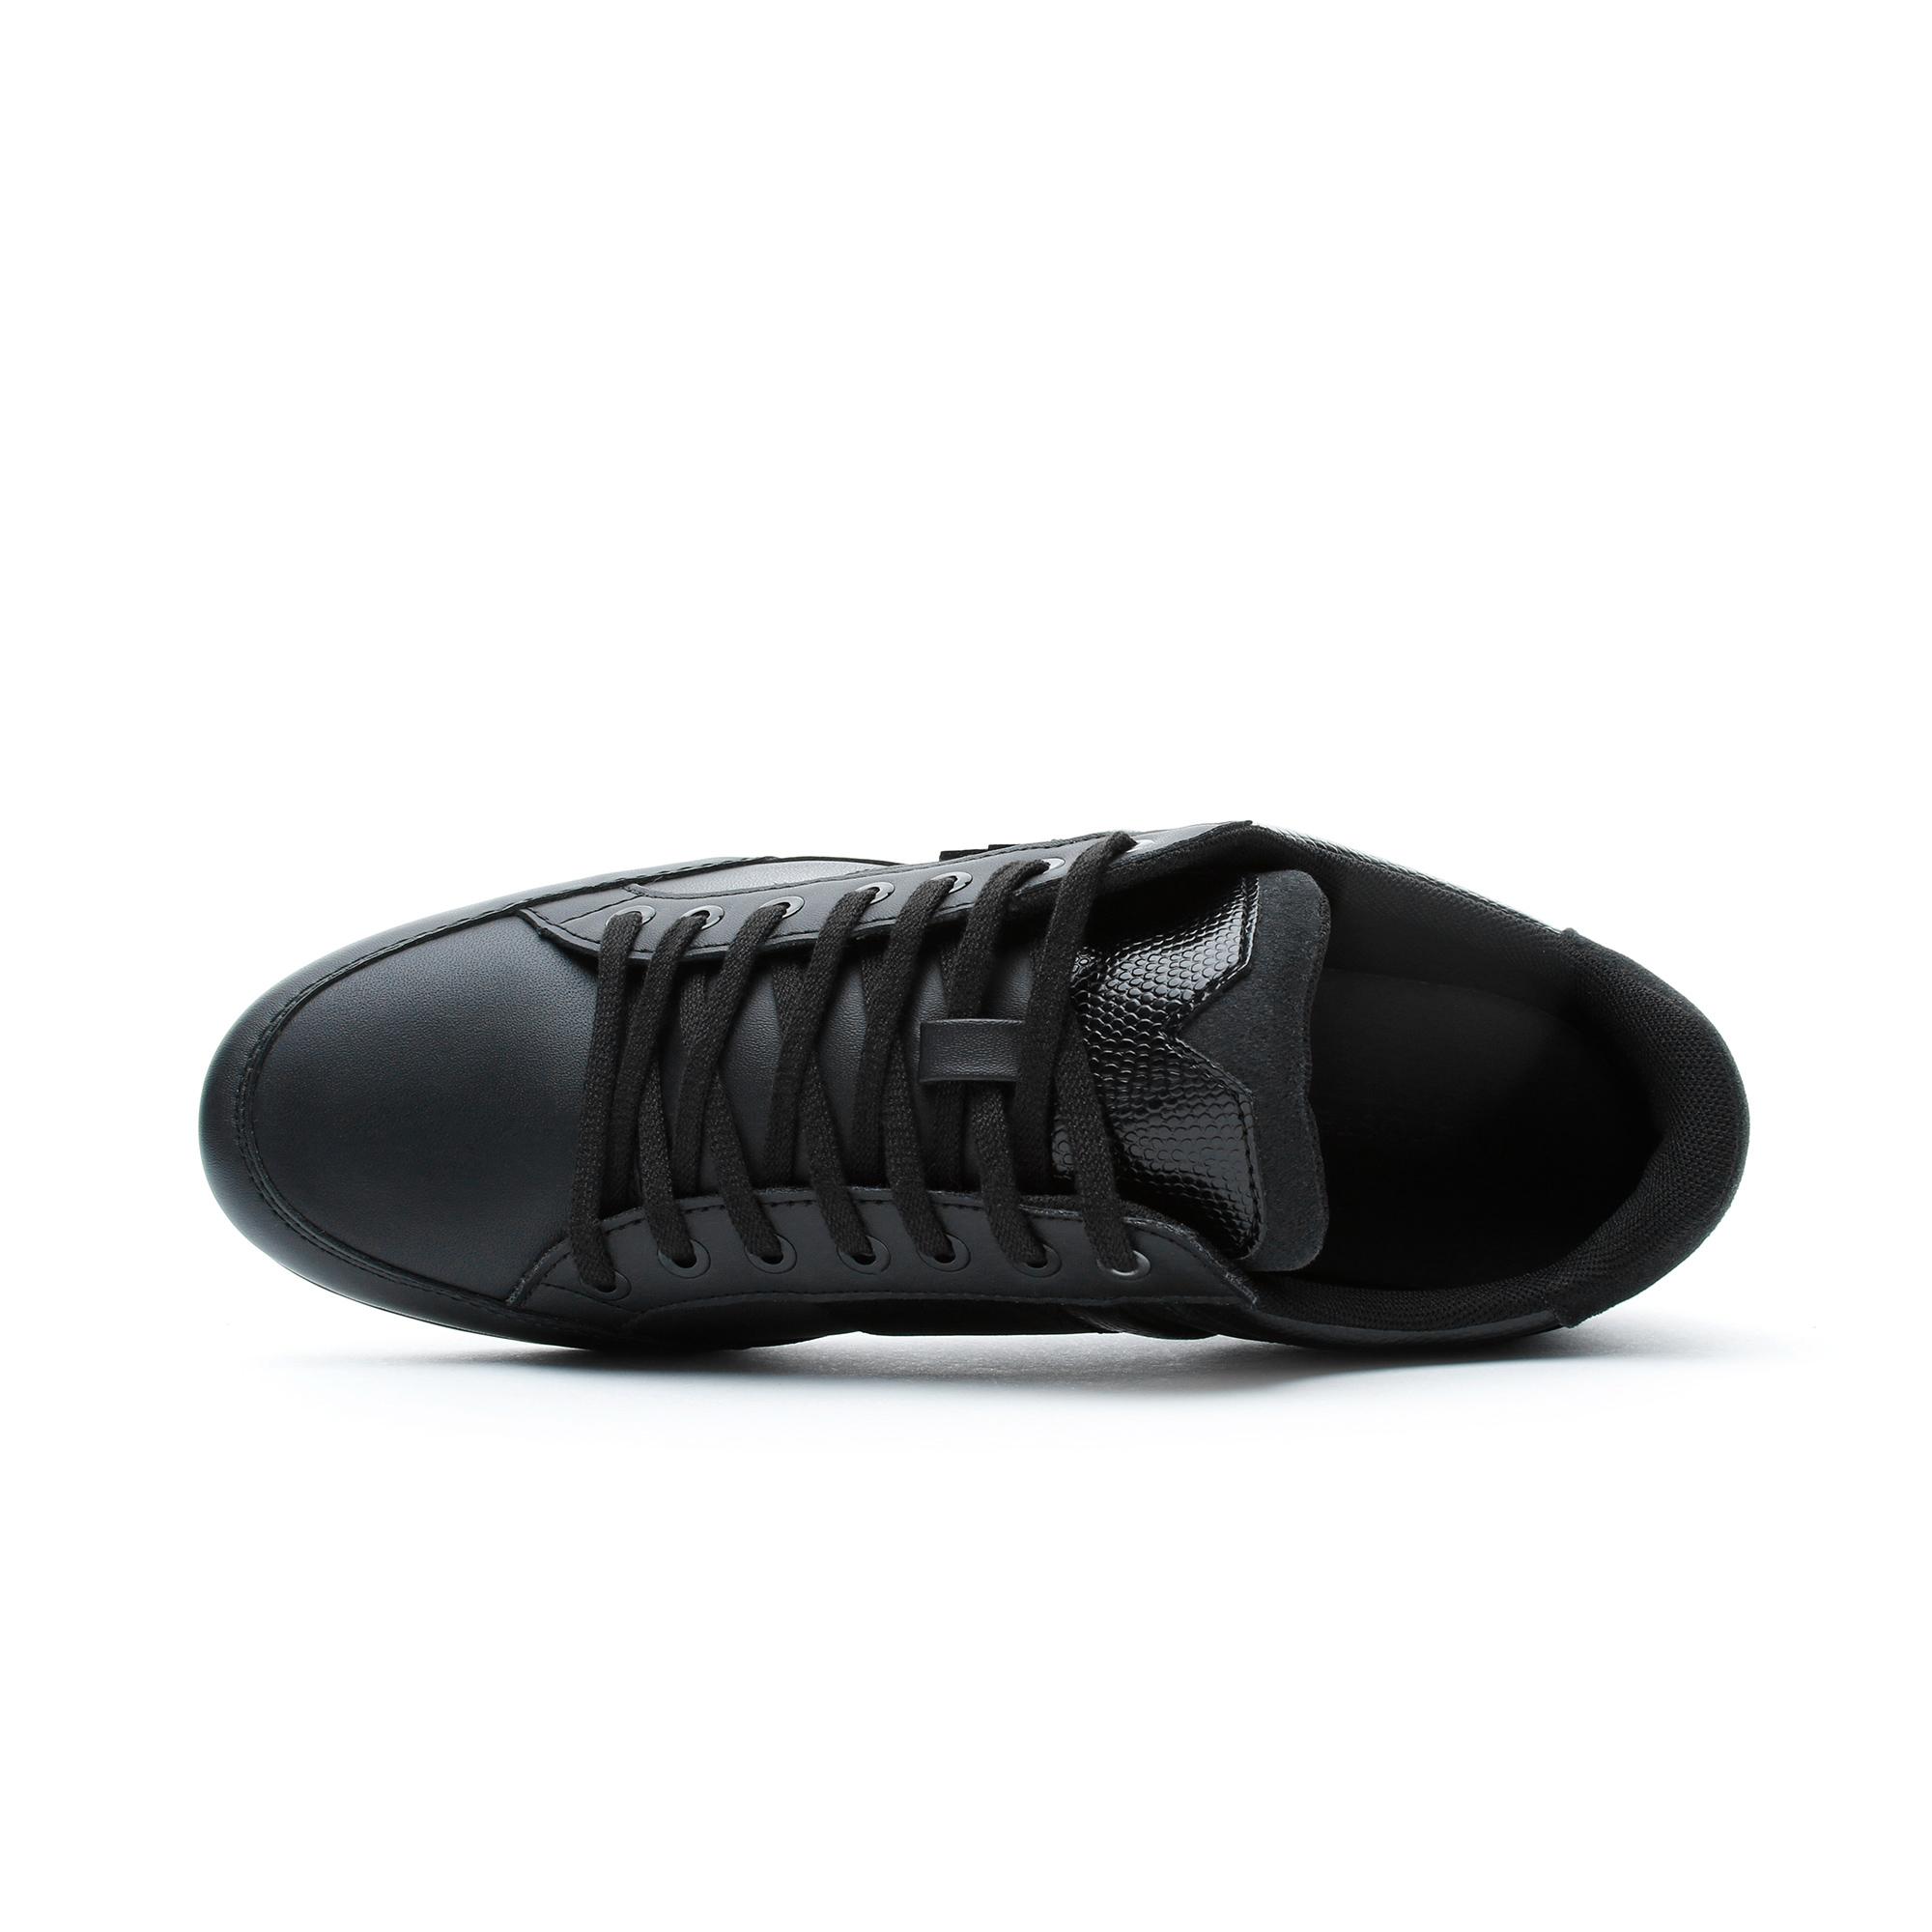 Lacoste Erkek Siyah Chaymon 119 2 Casual Ayakkabı